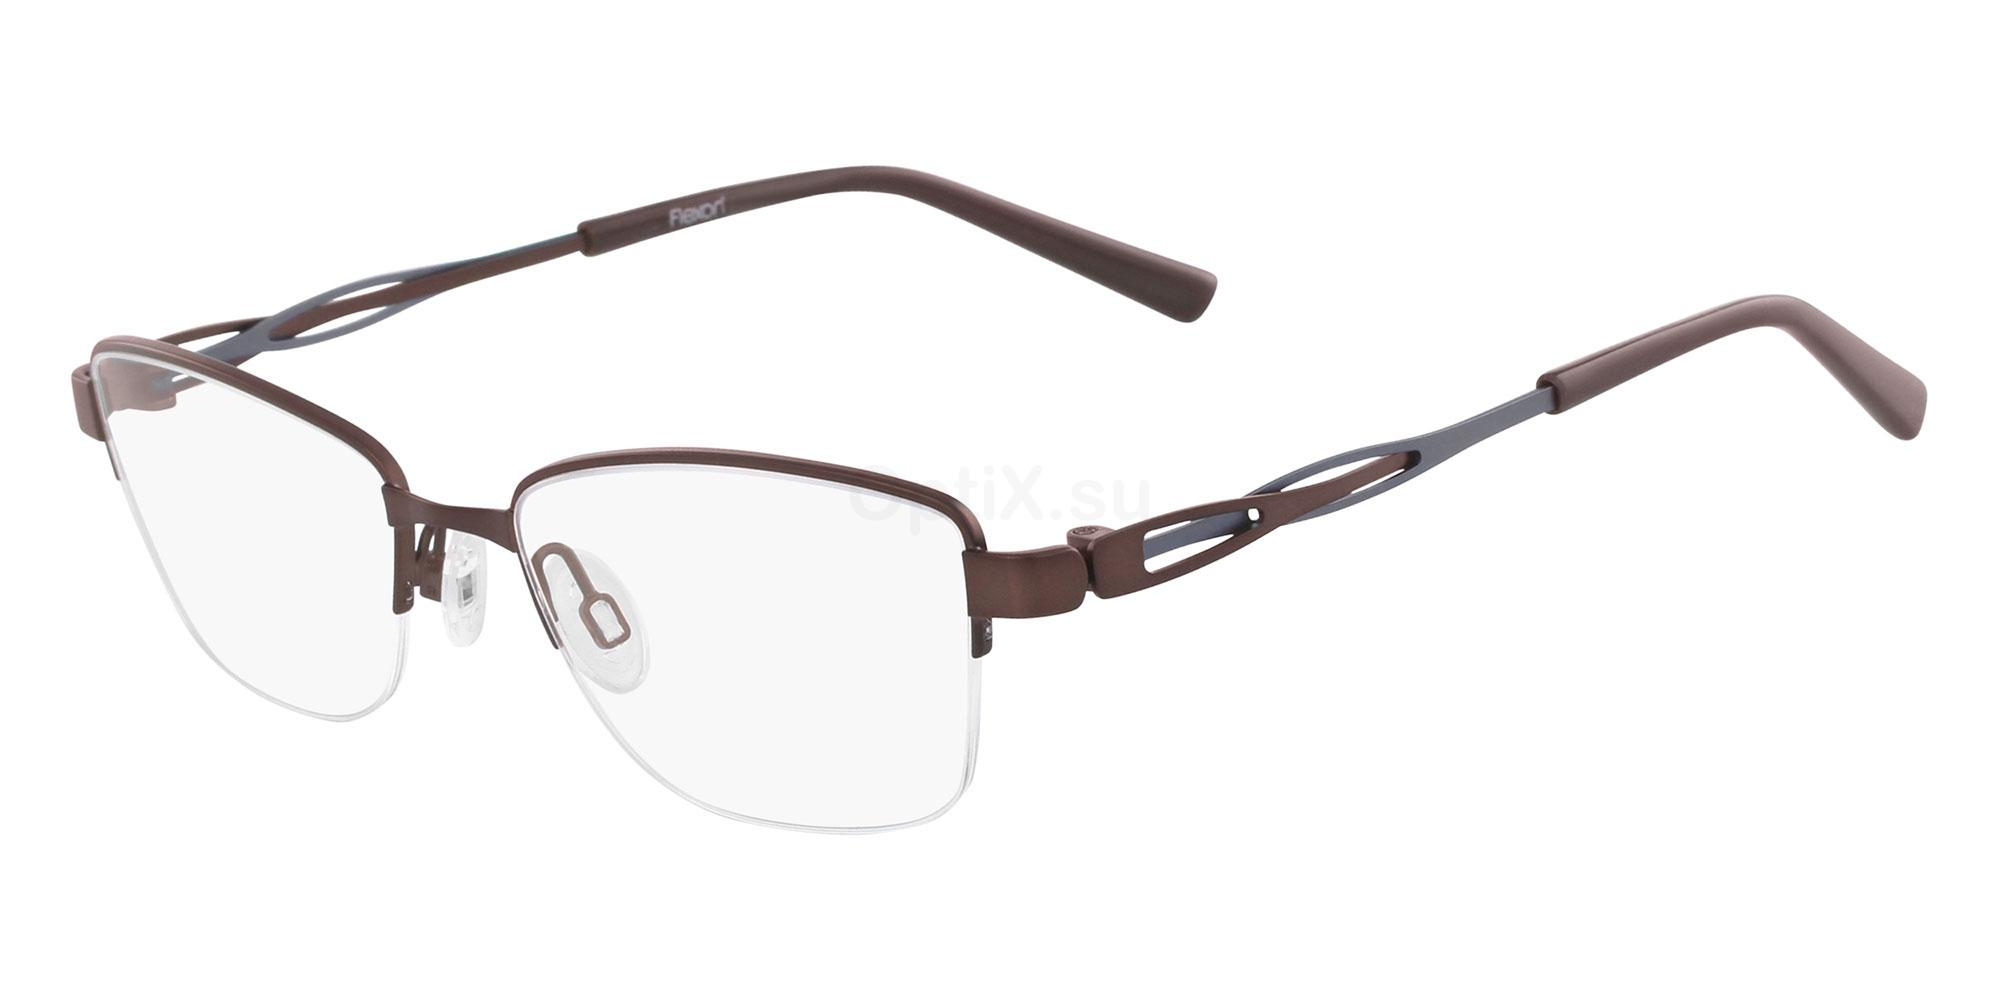 210 FLEXON ROSALIND Glasses, Flexon